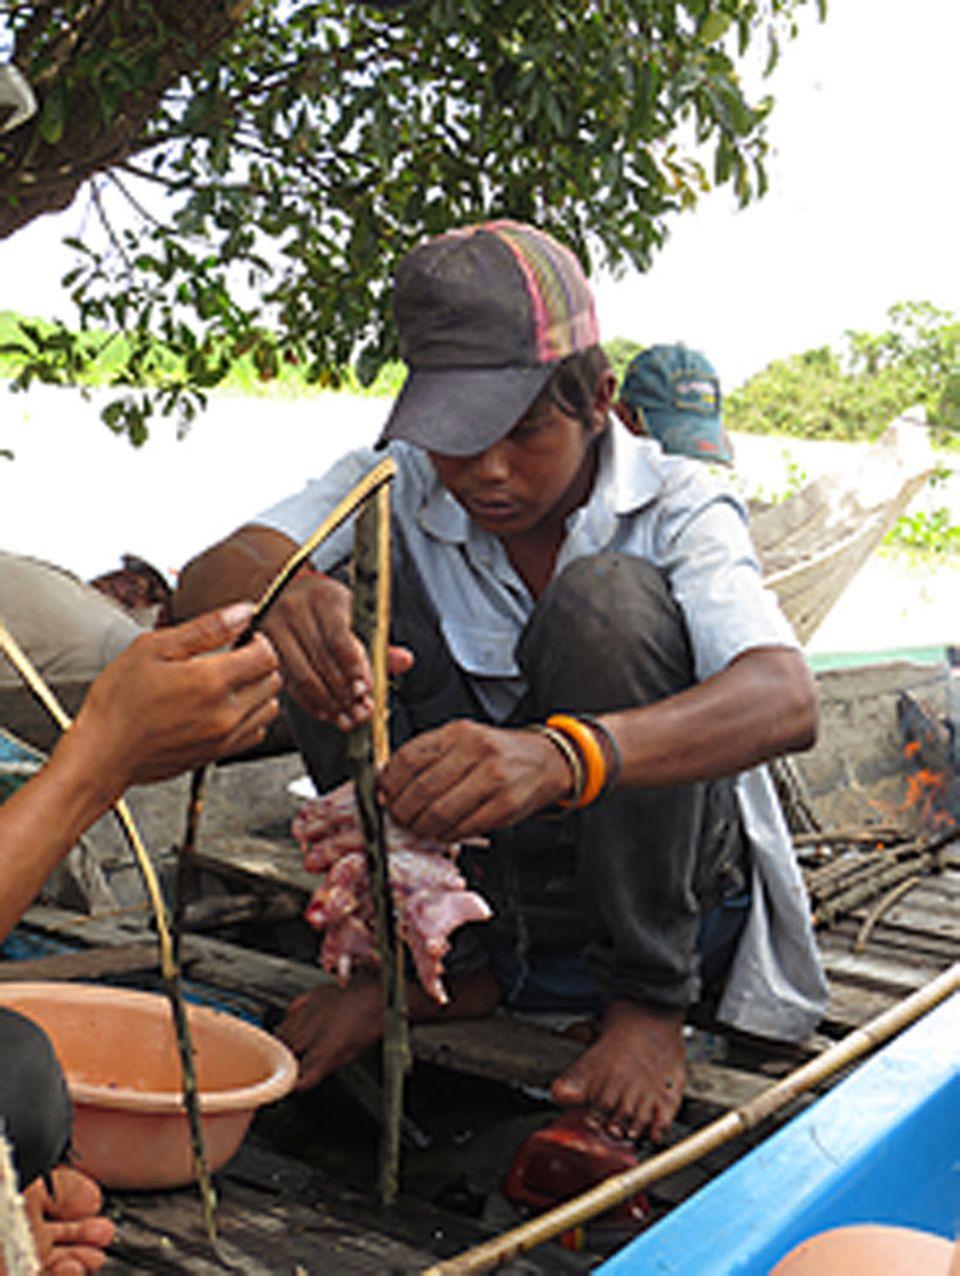 Die Rattenfänger würzen das Fleisch mit viel Knoblauch, Zucker und Glutamat. Anschließend wird es gegrillt